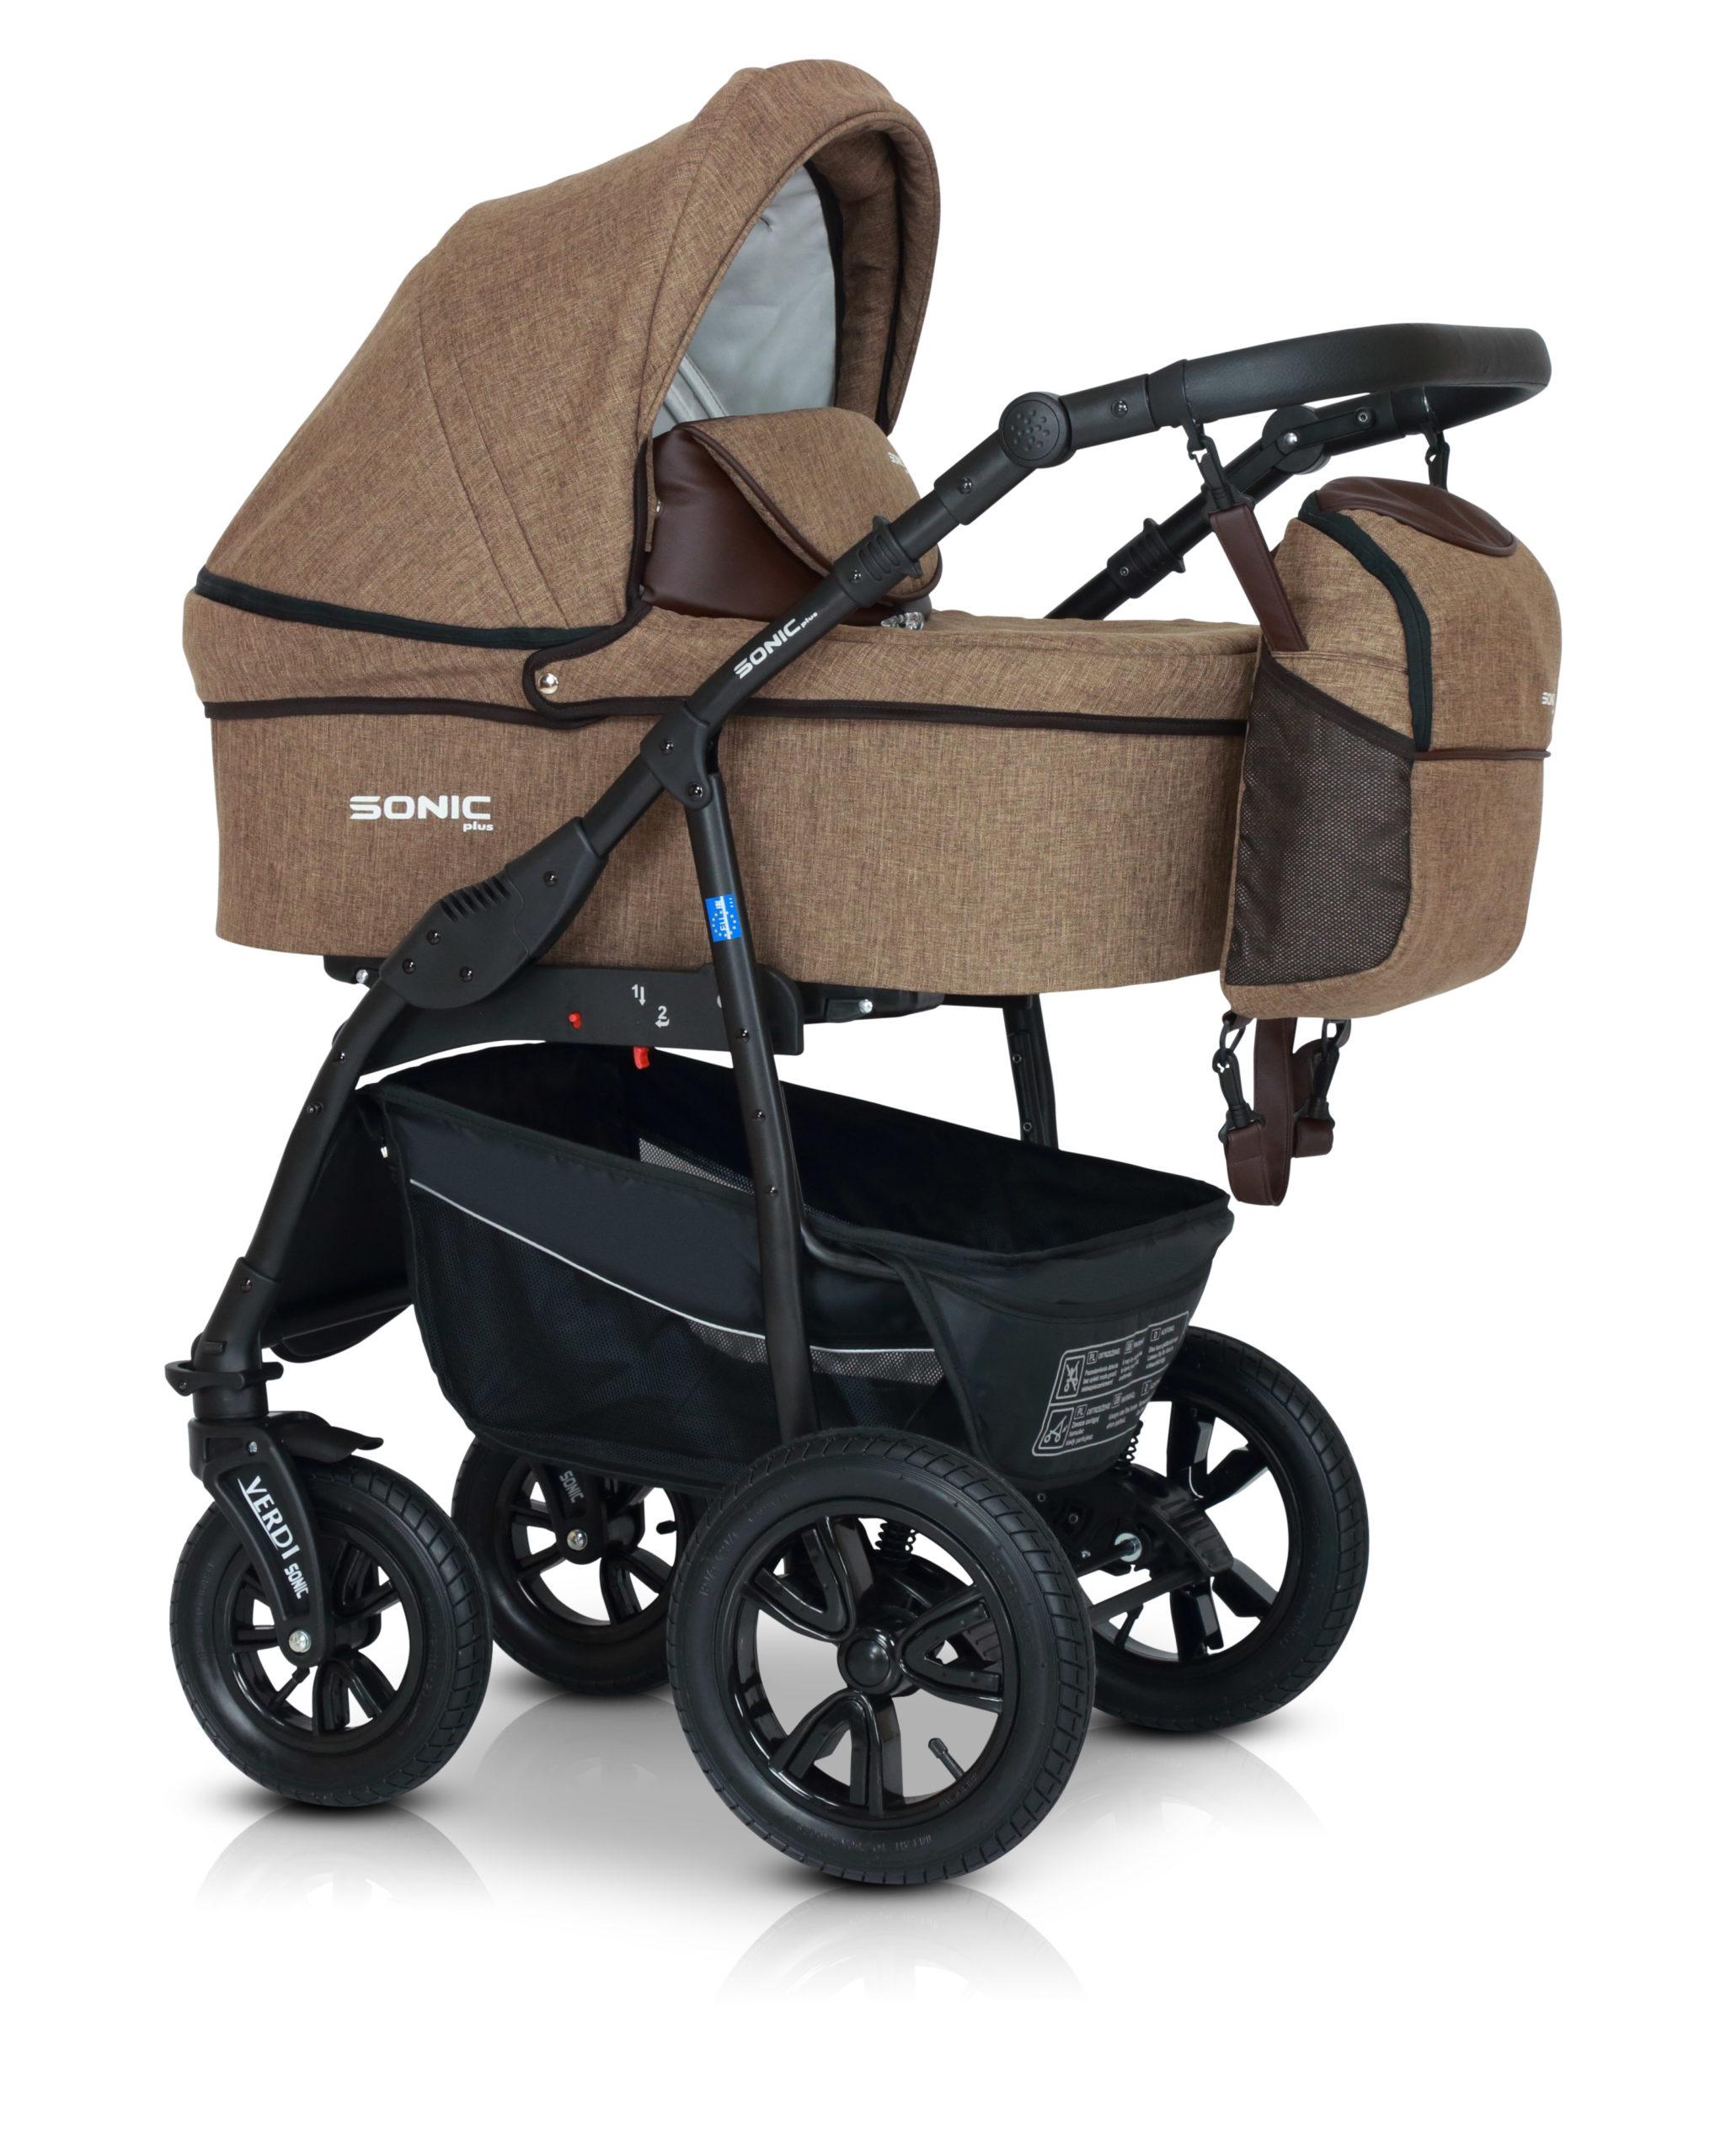 Детская коляска Verdi Sonic Plus 3 в 1 (Светло-коричневый)